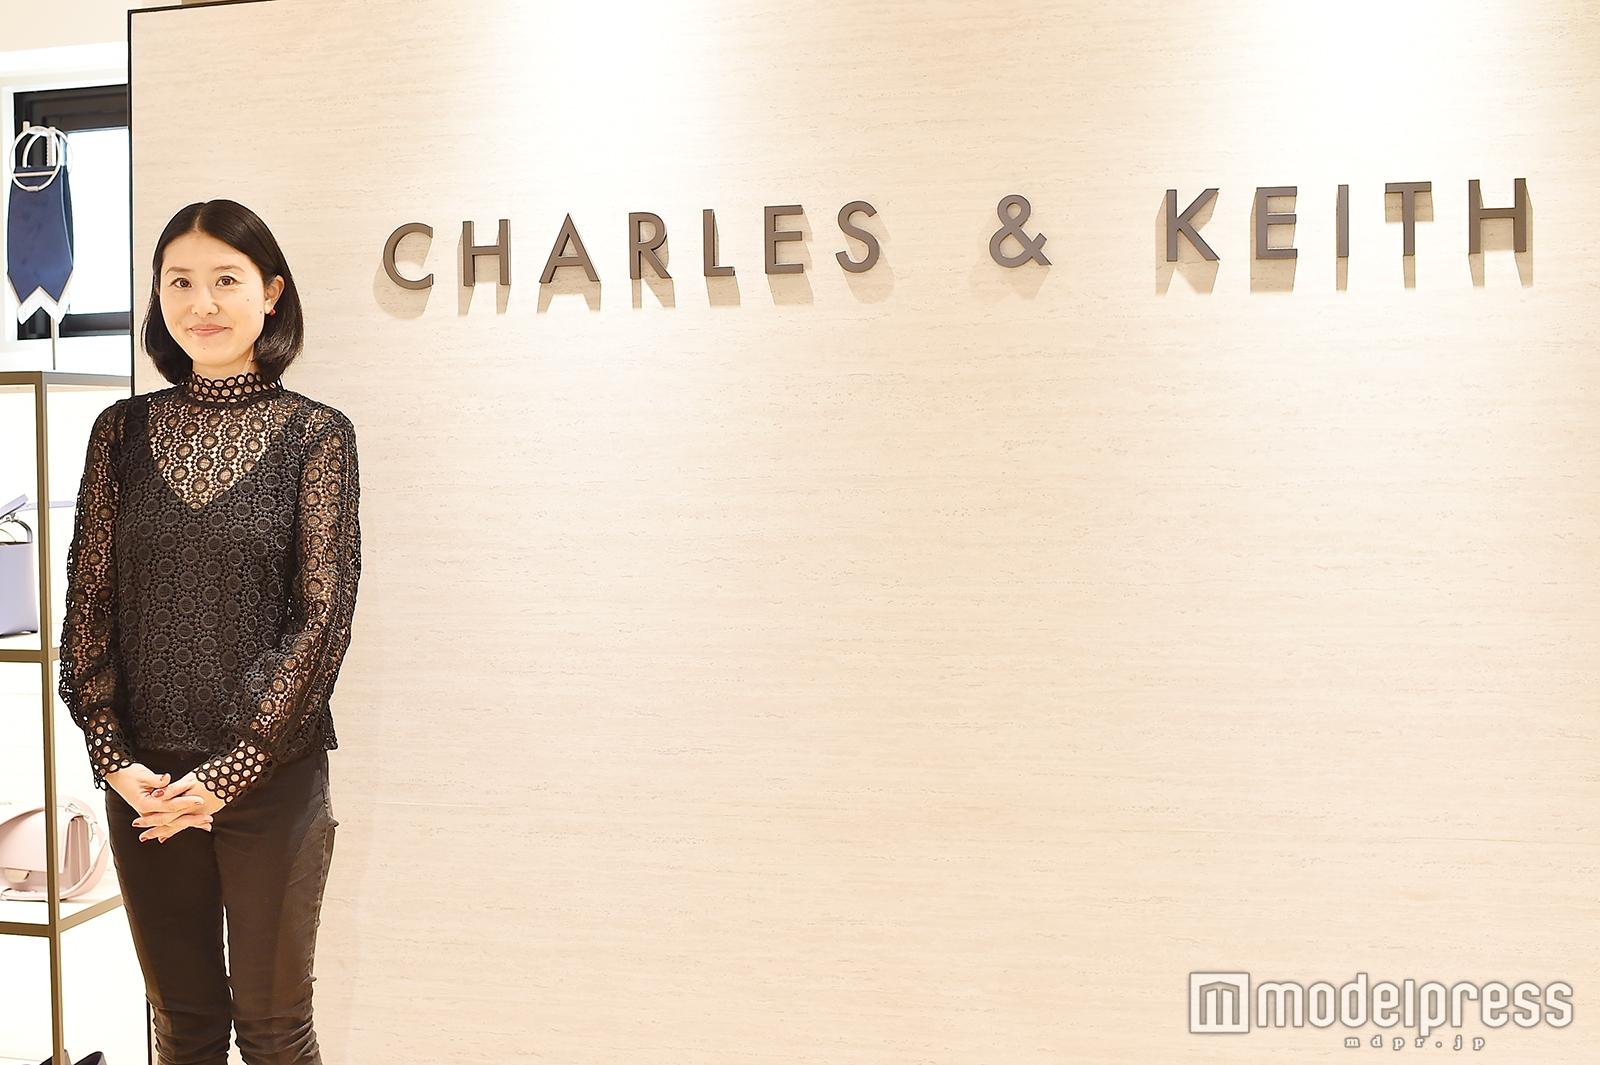 「CHARLES & KEITH」マーケティング責任者の延足絵理さん(C)モデルプレス